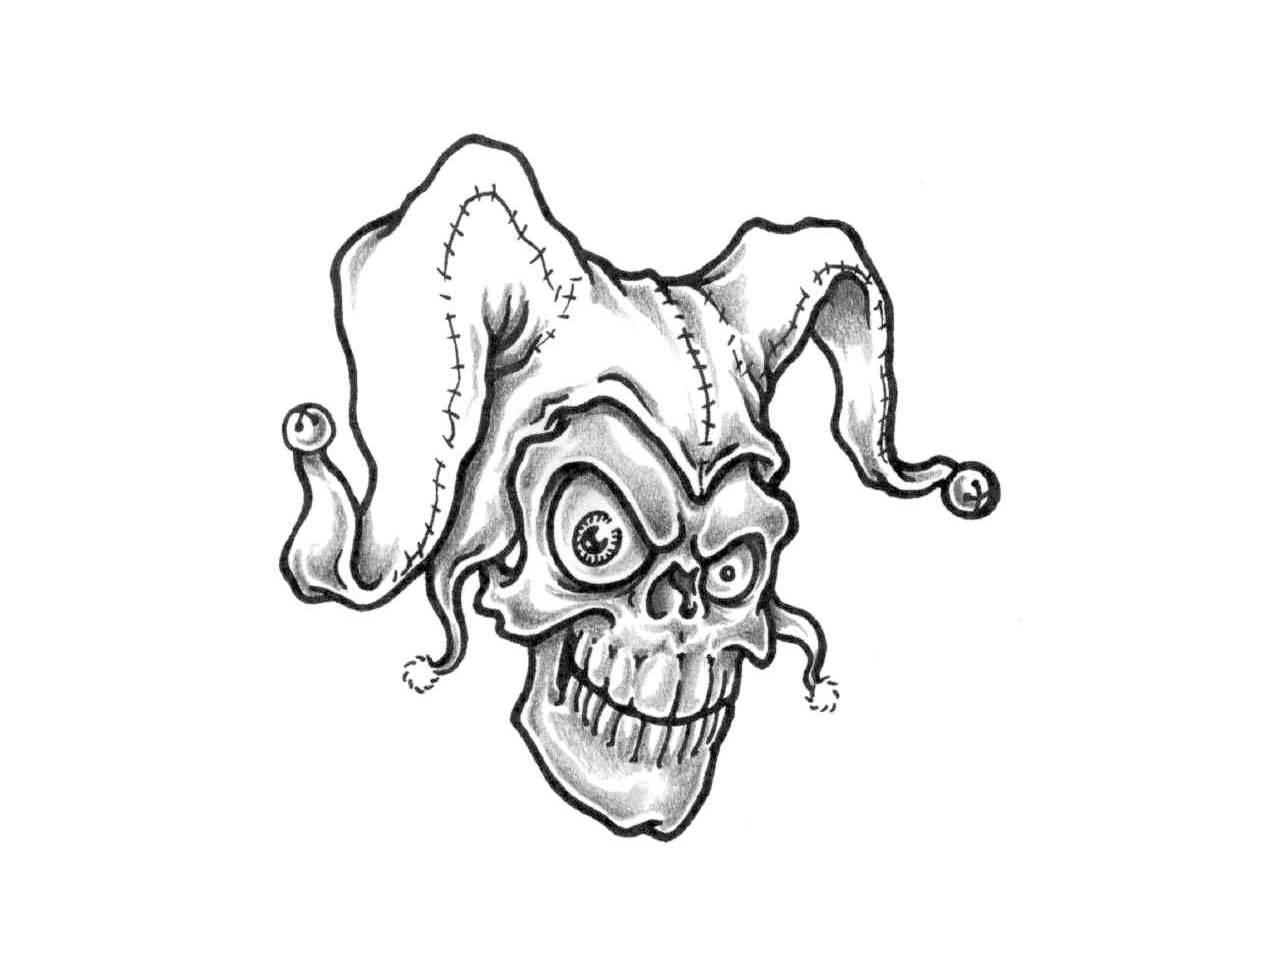 1280x960 Download Simple Joker Tattoo